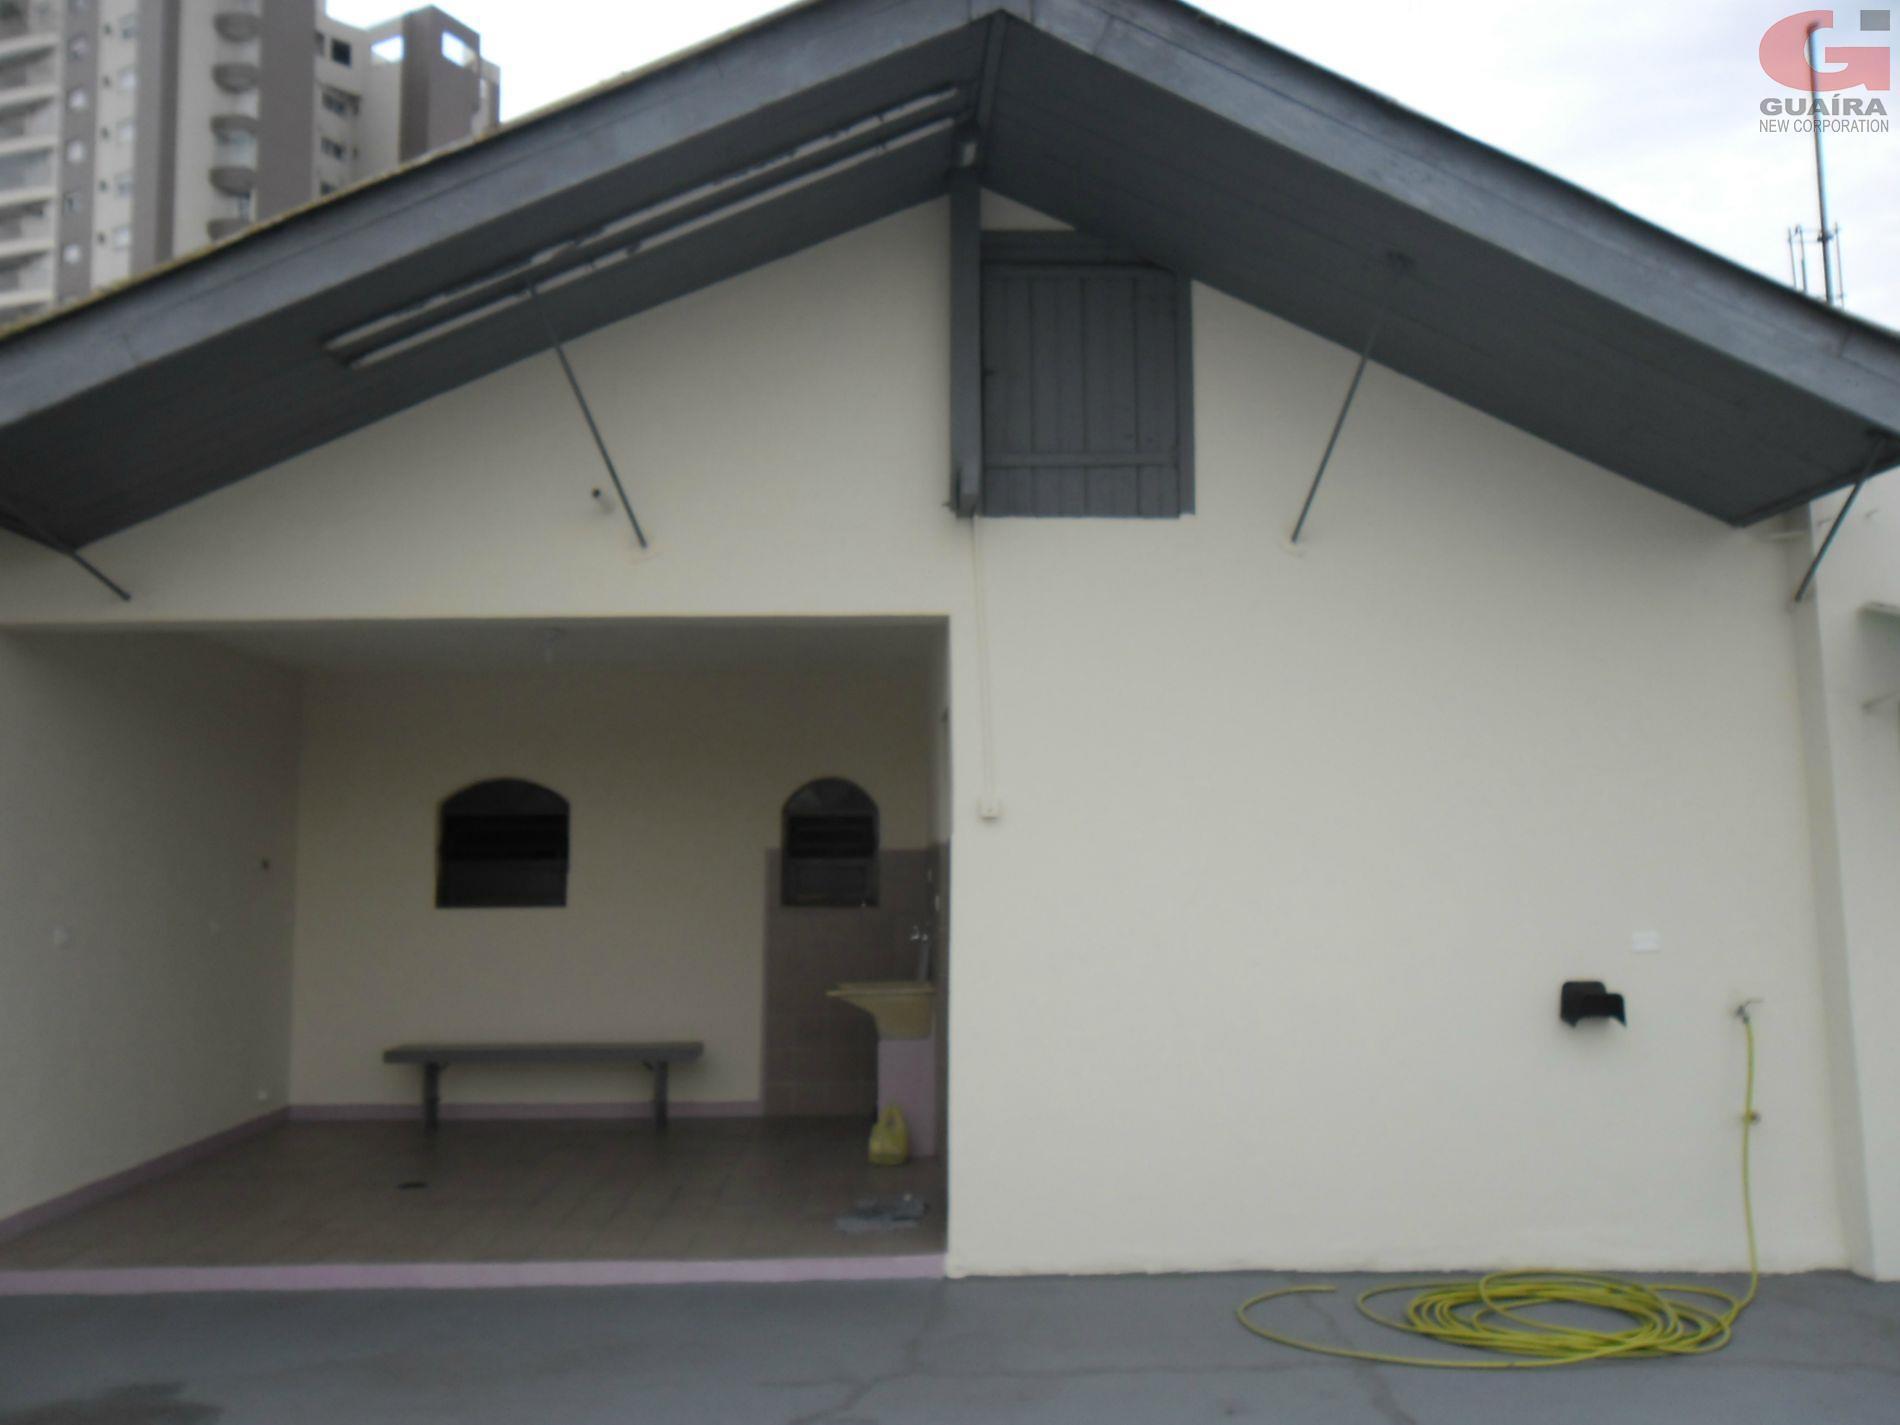 Casa de 3 dormitórios à venda em Barcelona, São Caetano Do Sul - SP